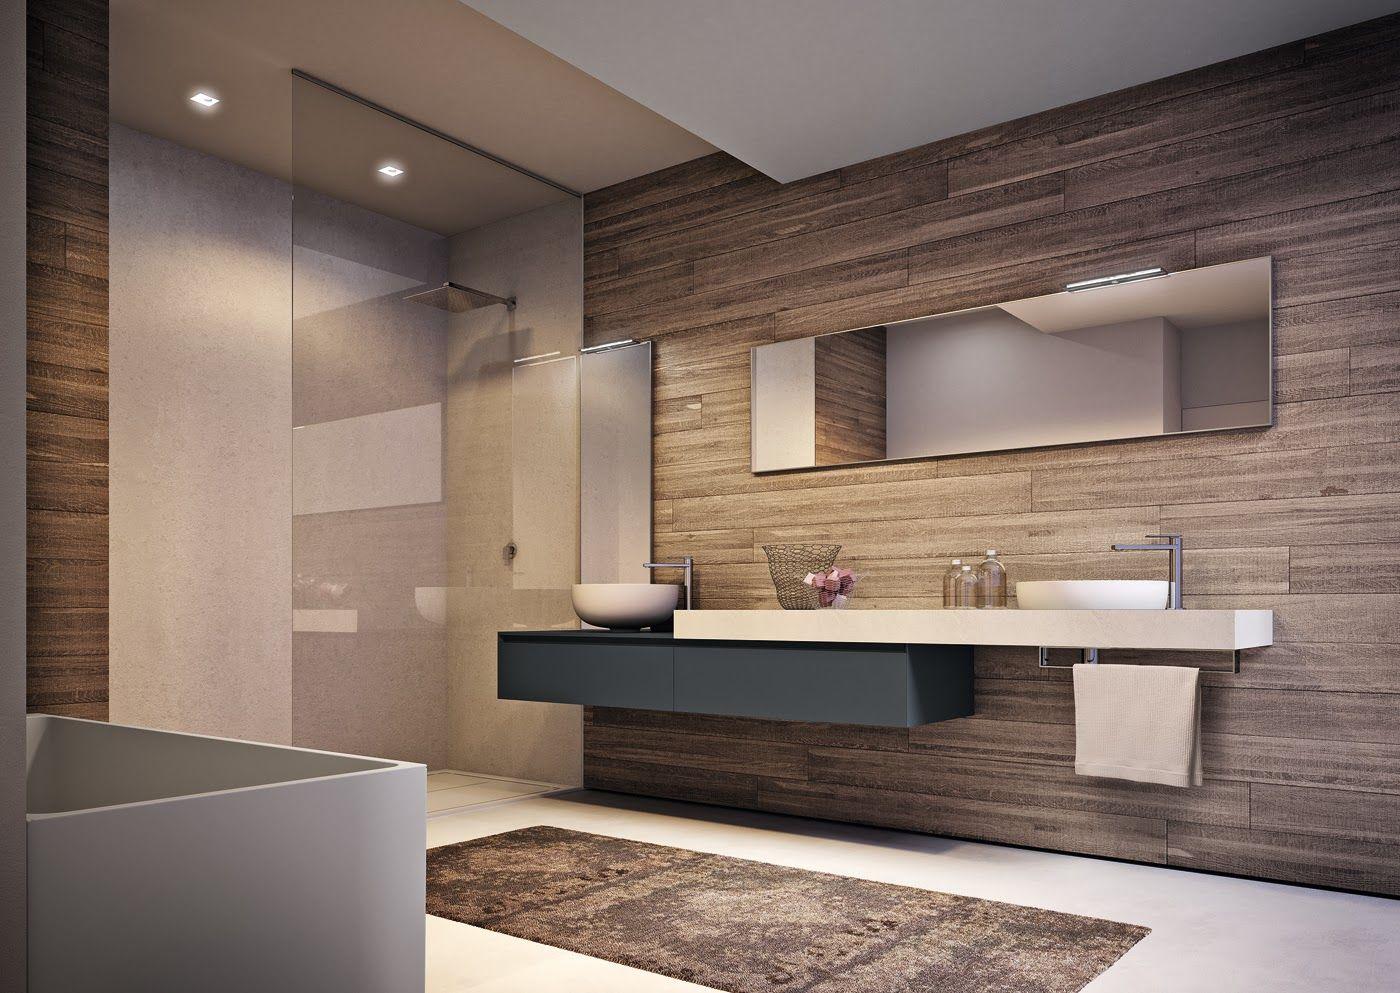 Pitturare bagno ~ Progettando il bagno home bagno bagni e arredamento